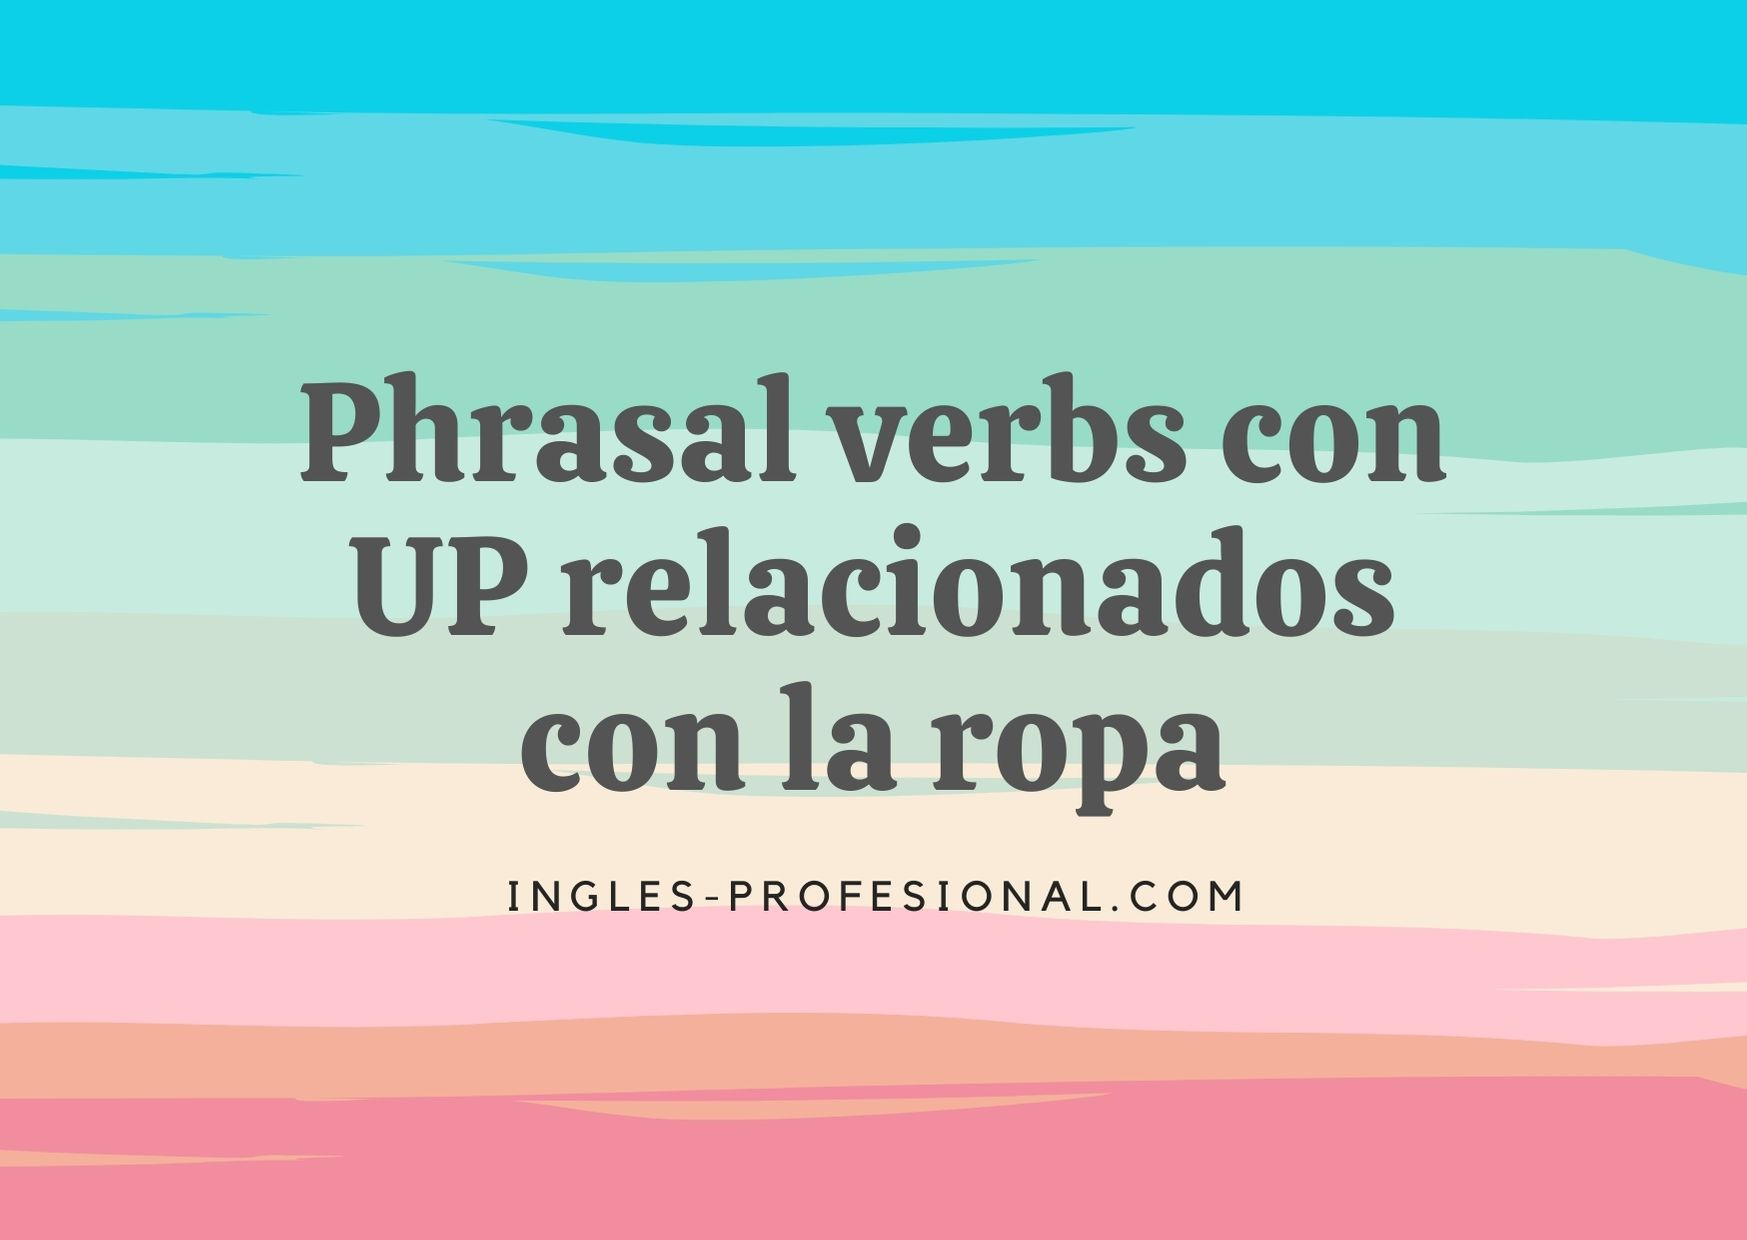 phrasal verbs con up relacionados con la ropa